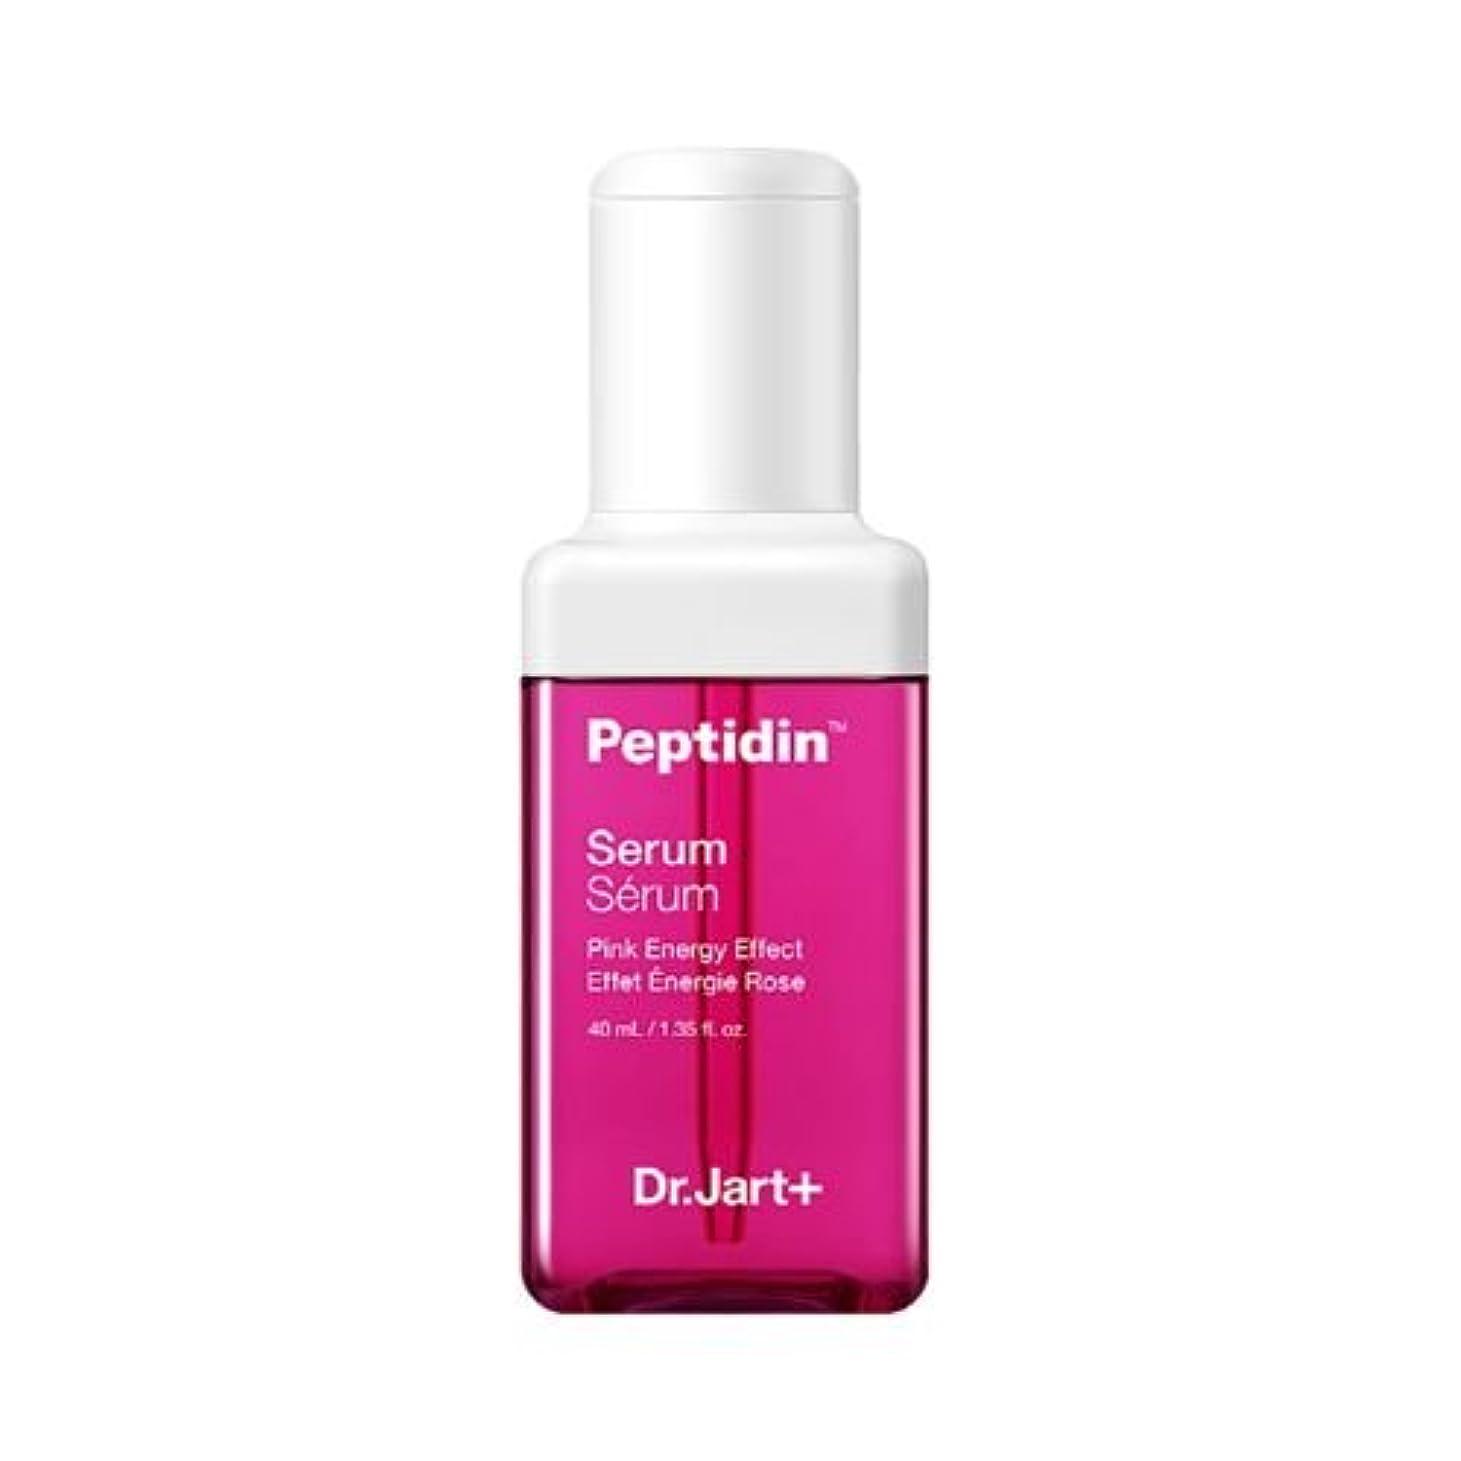 エゴイズム微視的プーノ[DR Jart] Peptidin serum Pink Energy effect ドクタージャルトペプチドディーン セラムピンクエネルギー 40ml[海外直送品] [並行輸入品]